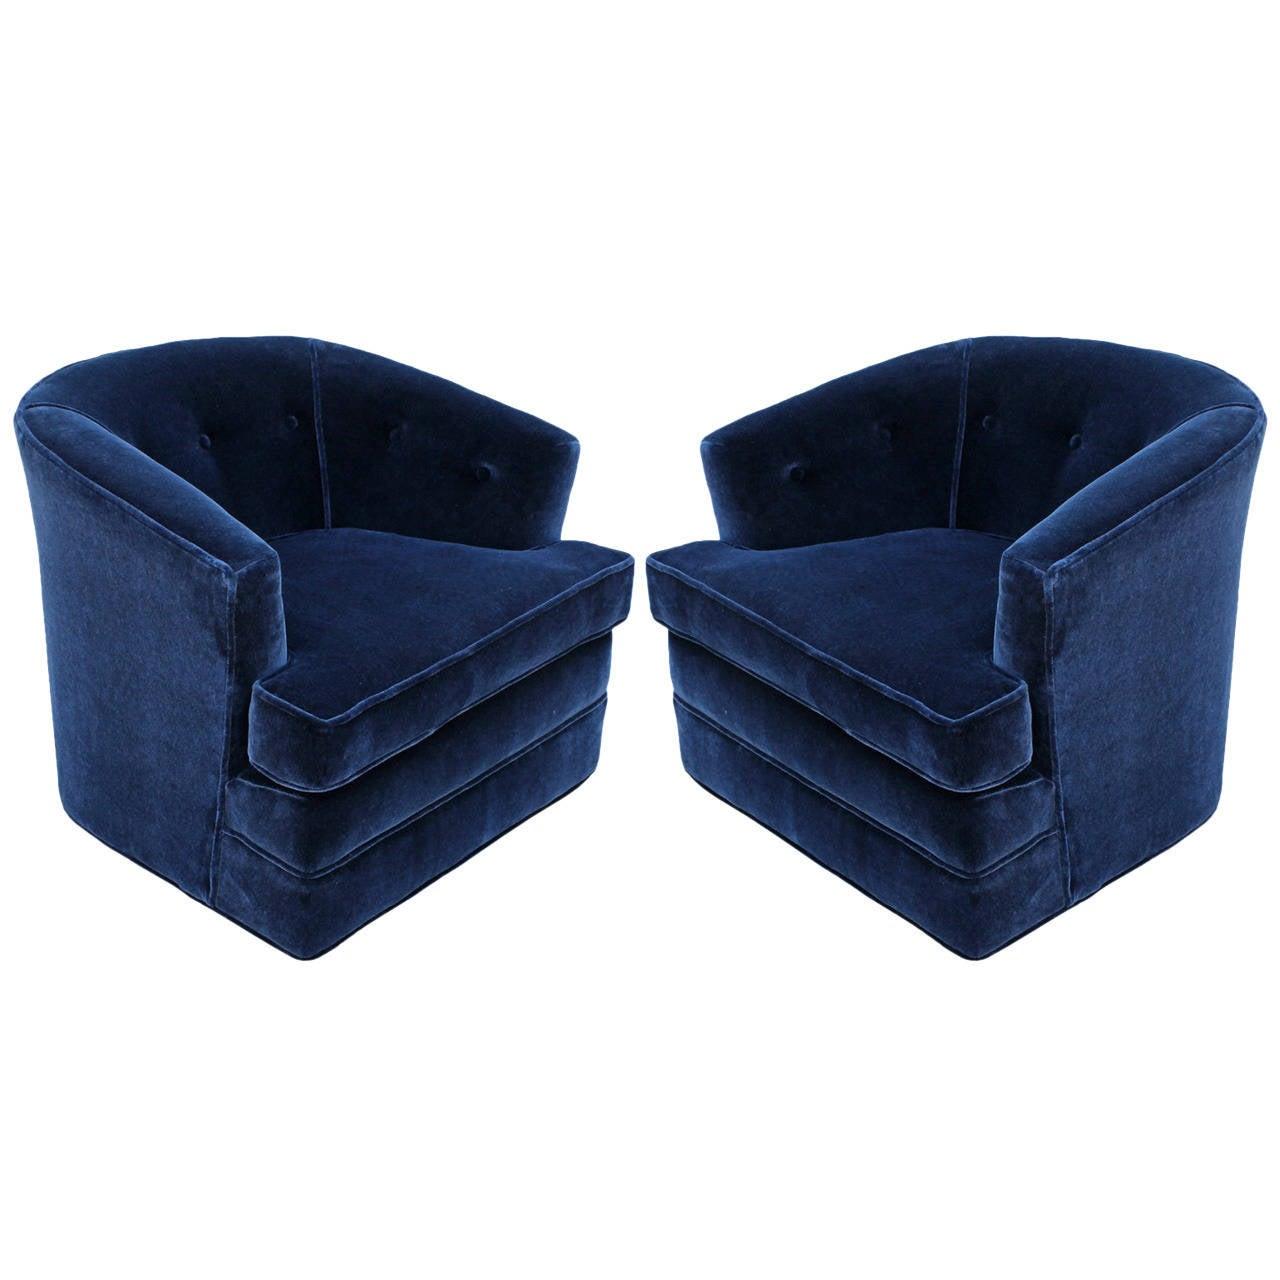 Grand Pair Of Plush Blue Mohair Velvet Swivel Chairs At 1stdibs